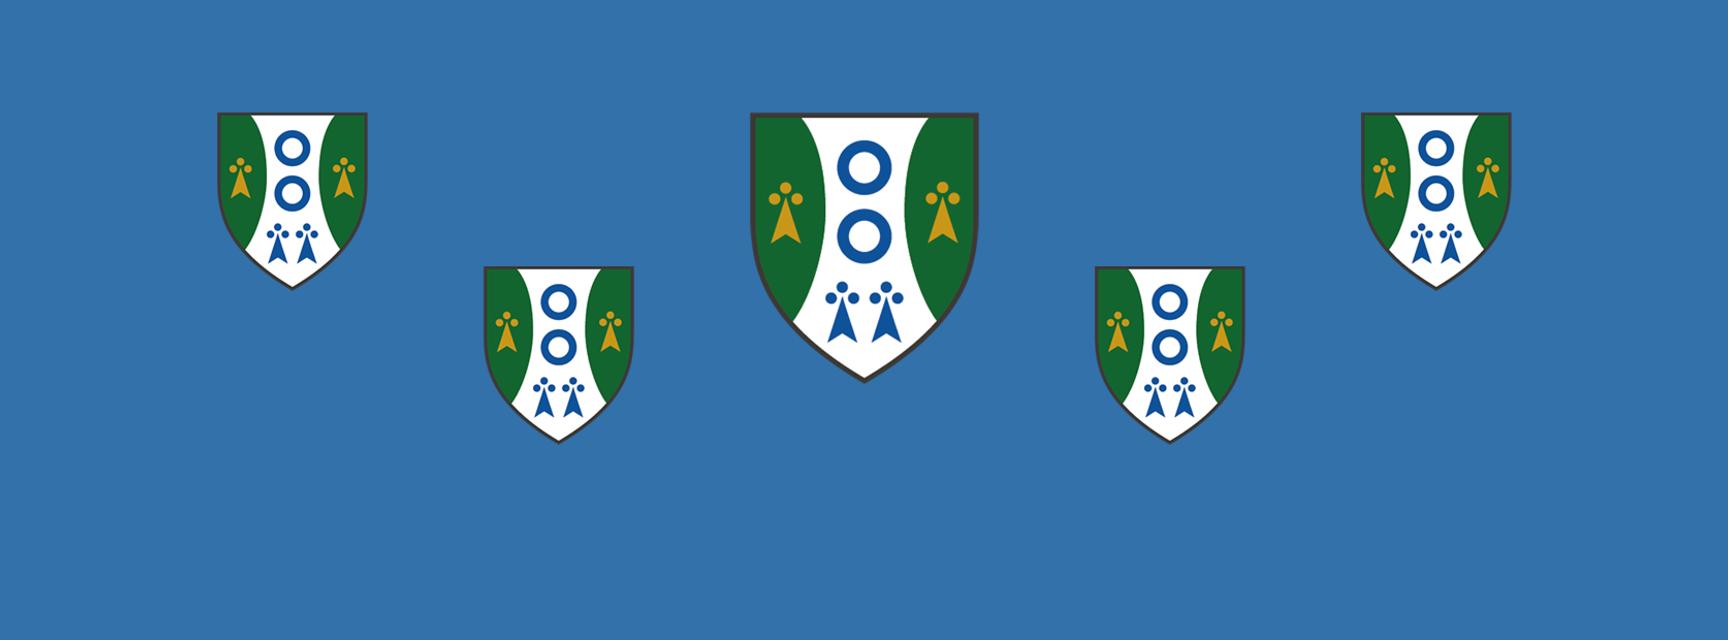 Reuben College Coat of Arms